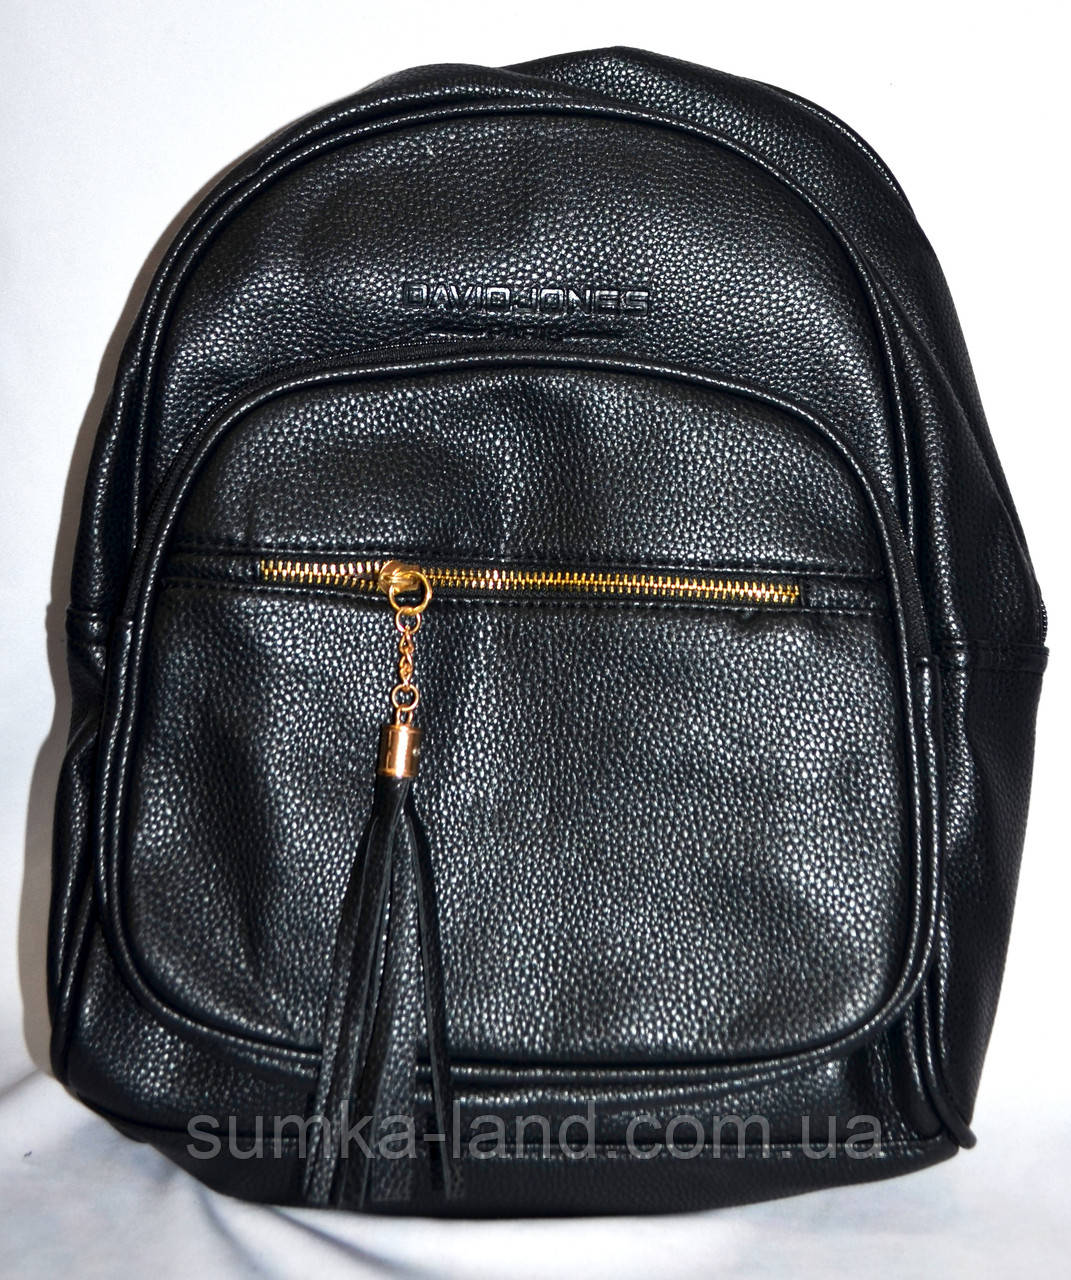 Женский черный рюкзак из искусственной кожи 27*33 см